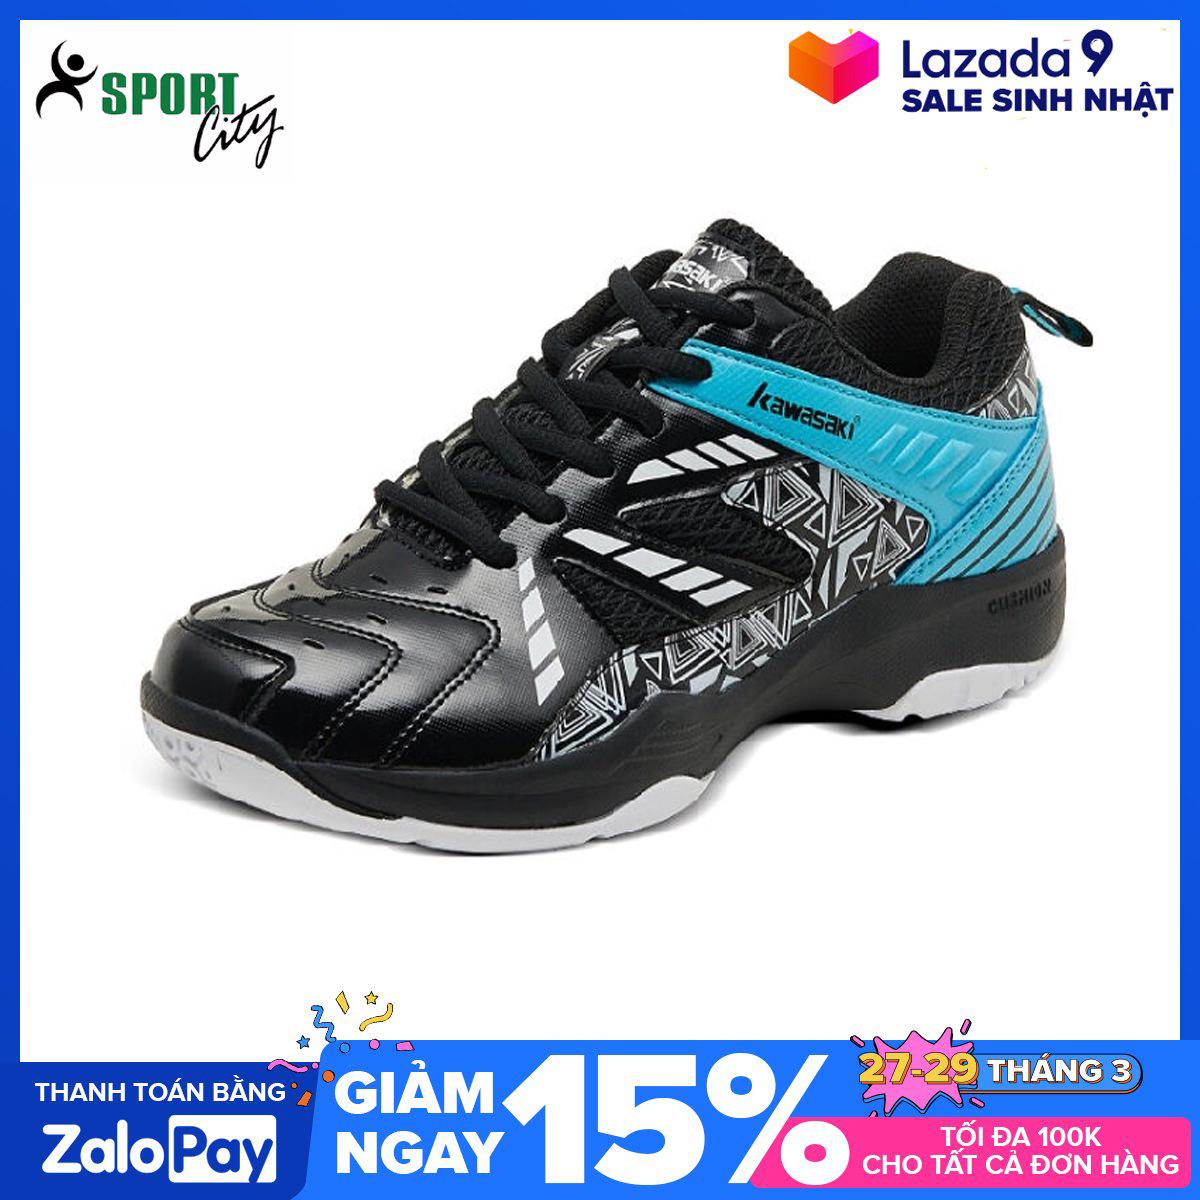 Giày cầu lông nam nữ Kawasaki K080 mẫu mới, hàng có sẵn, chống mài mòn, chơi được sân bê tông màu đen đủ size - giày chơi bóng chuyền nam nữ - giầy thể thao nam nữ - shop sportcity